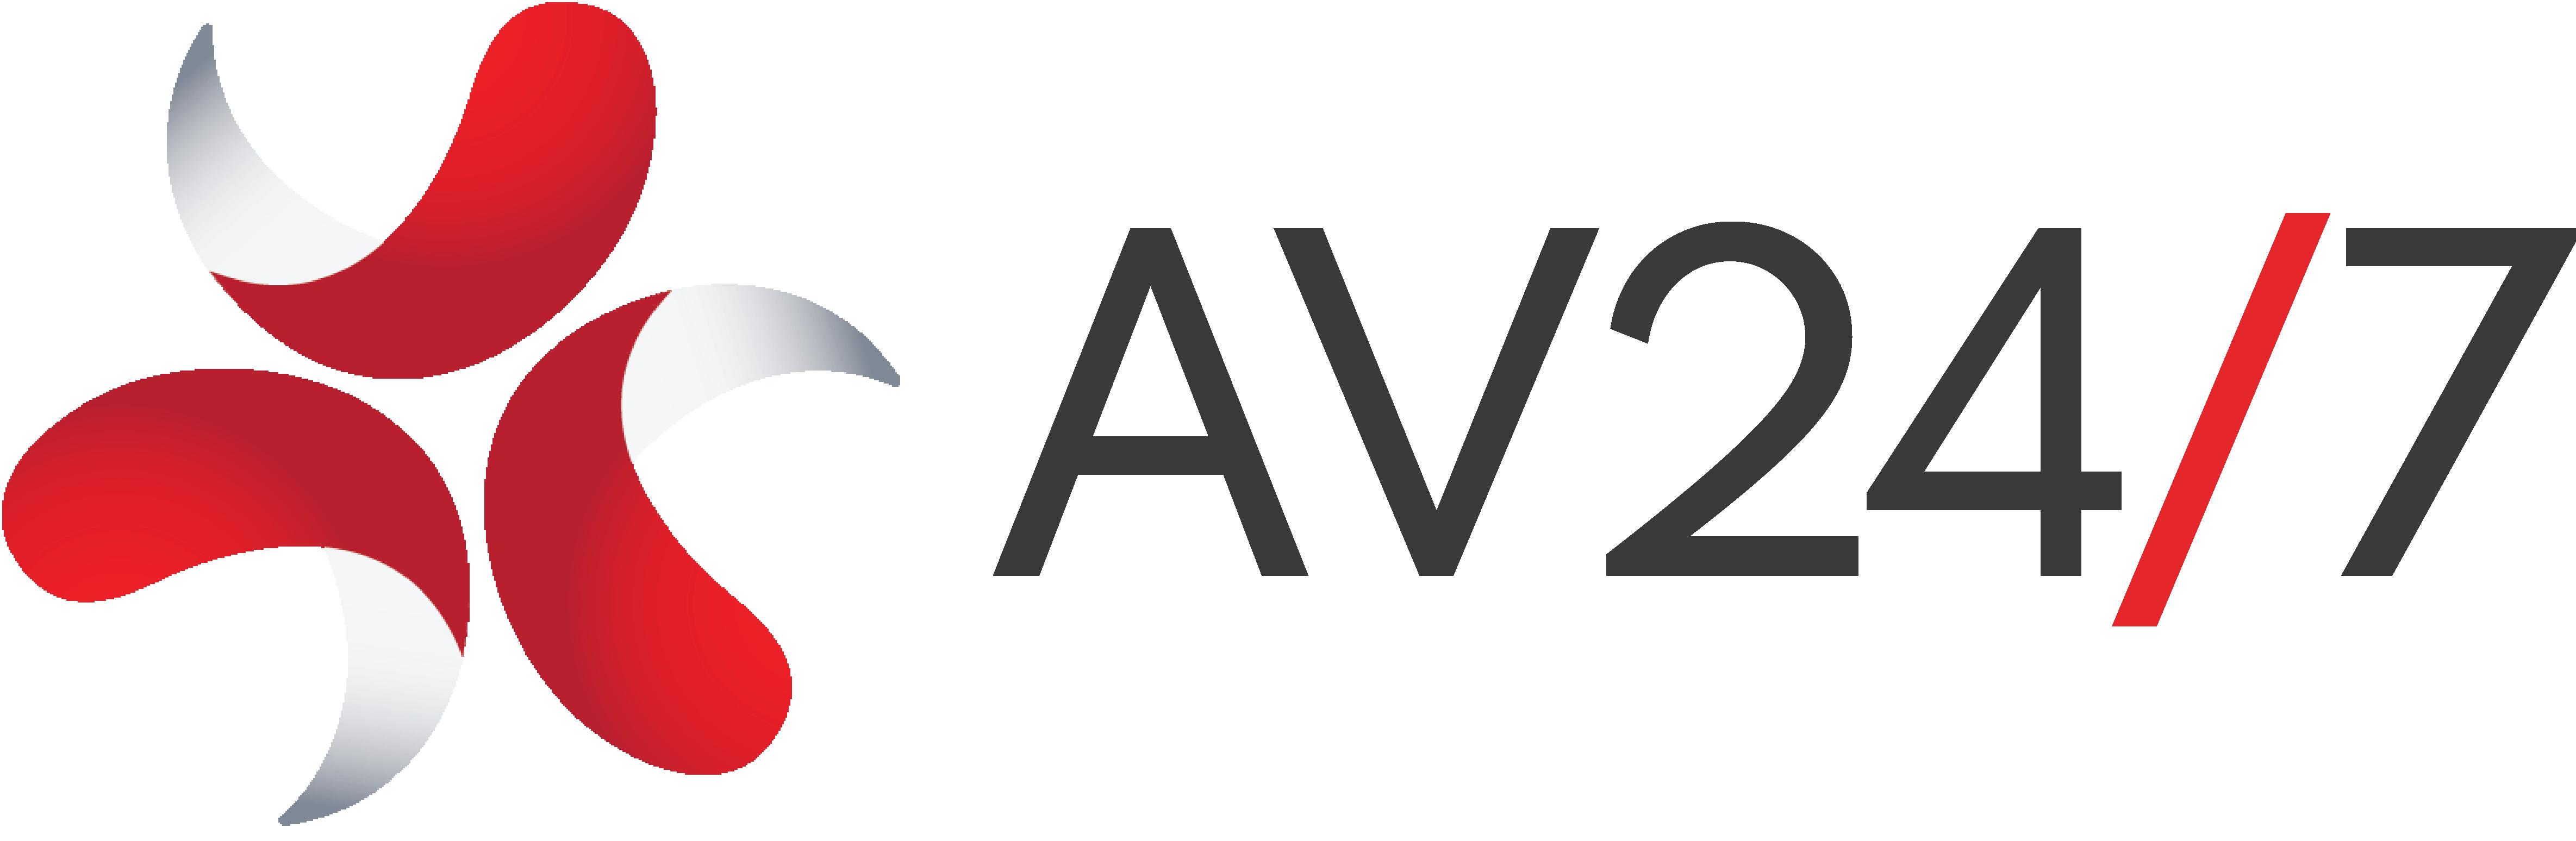 AV 24/7 Logo Black